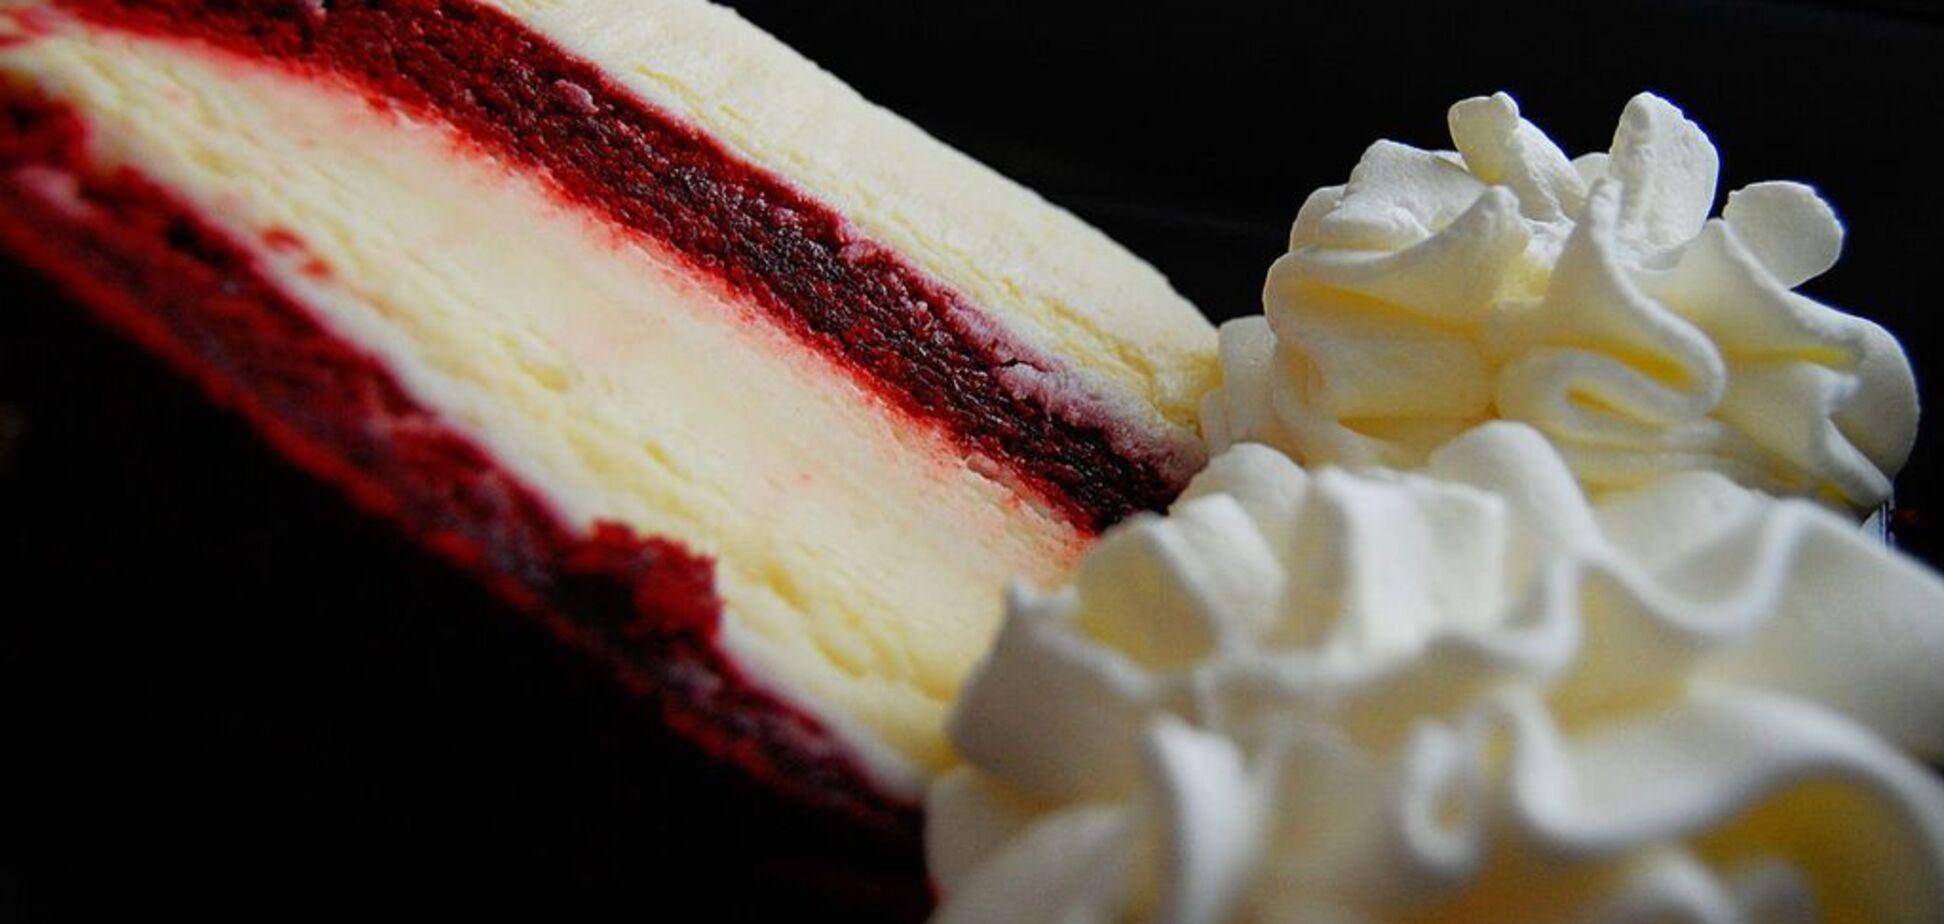 Торт 'Красный бархат': лучший пошаговый рецепт с фото и видео